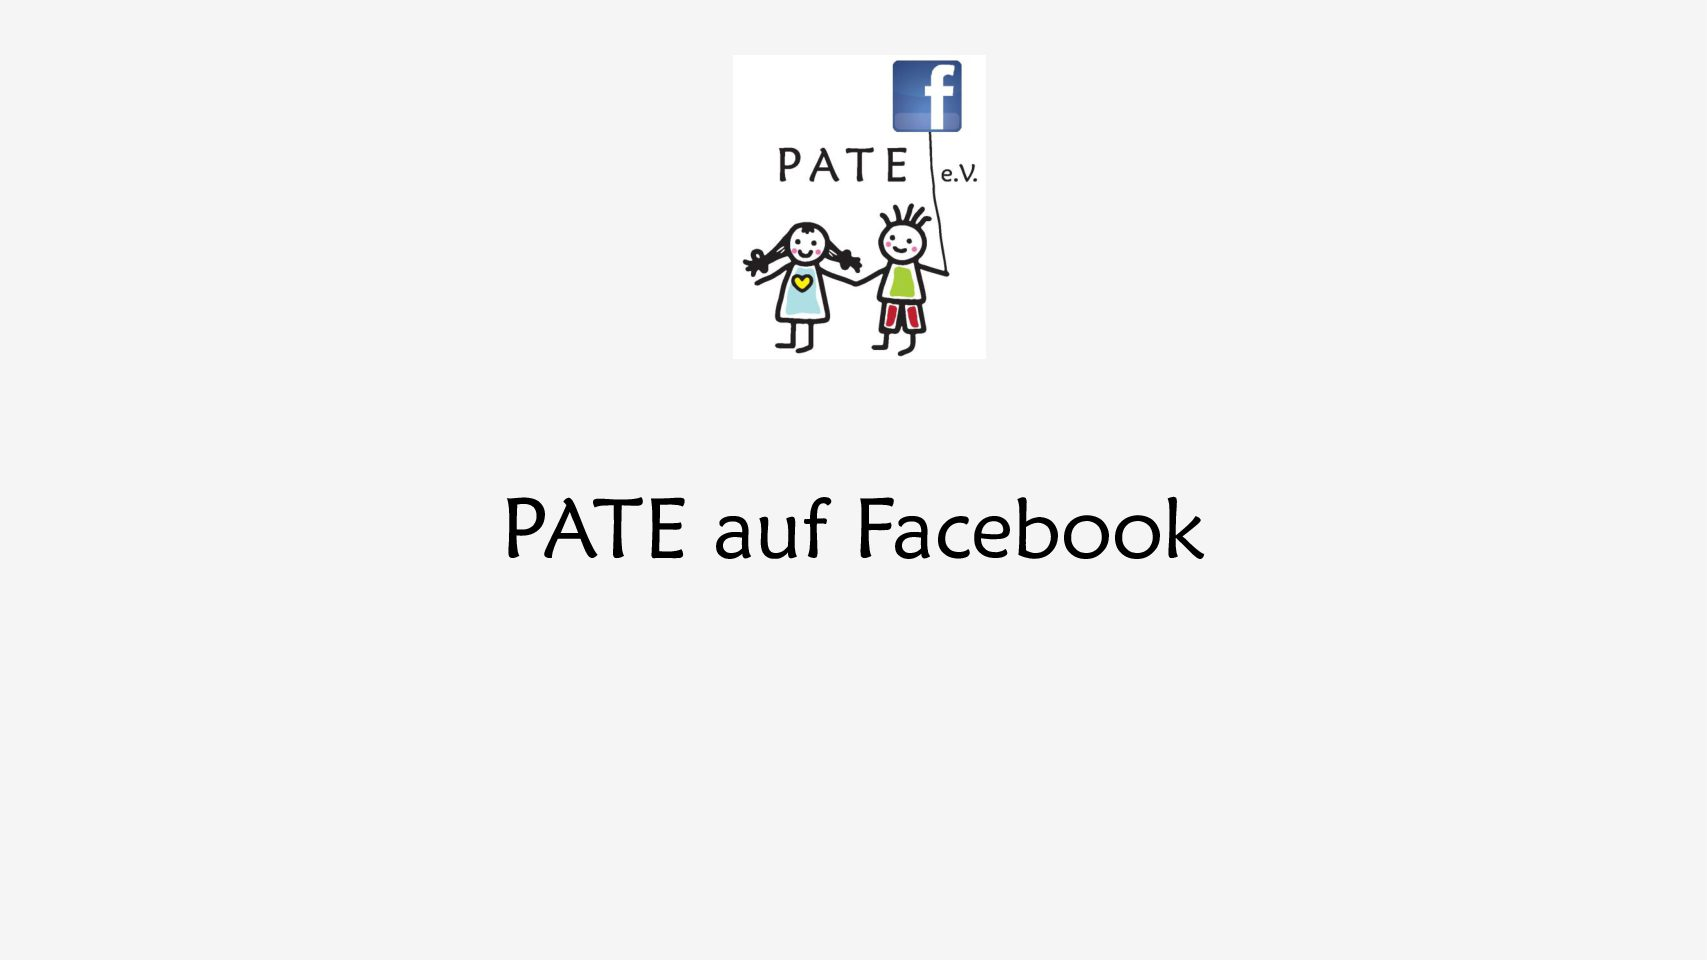 PATE ist jetzt auf Facebook